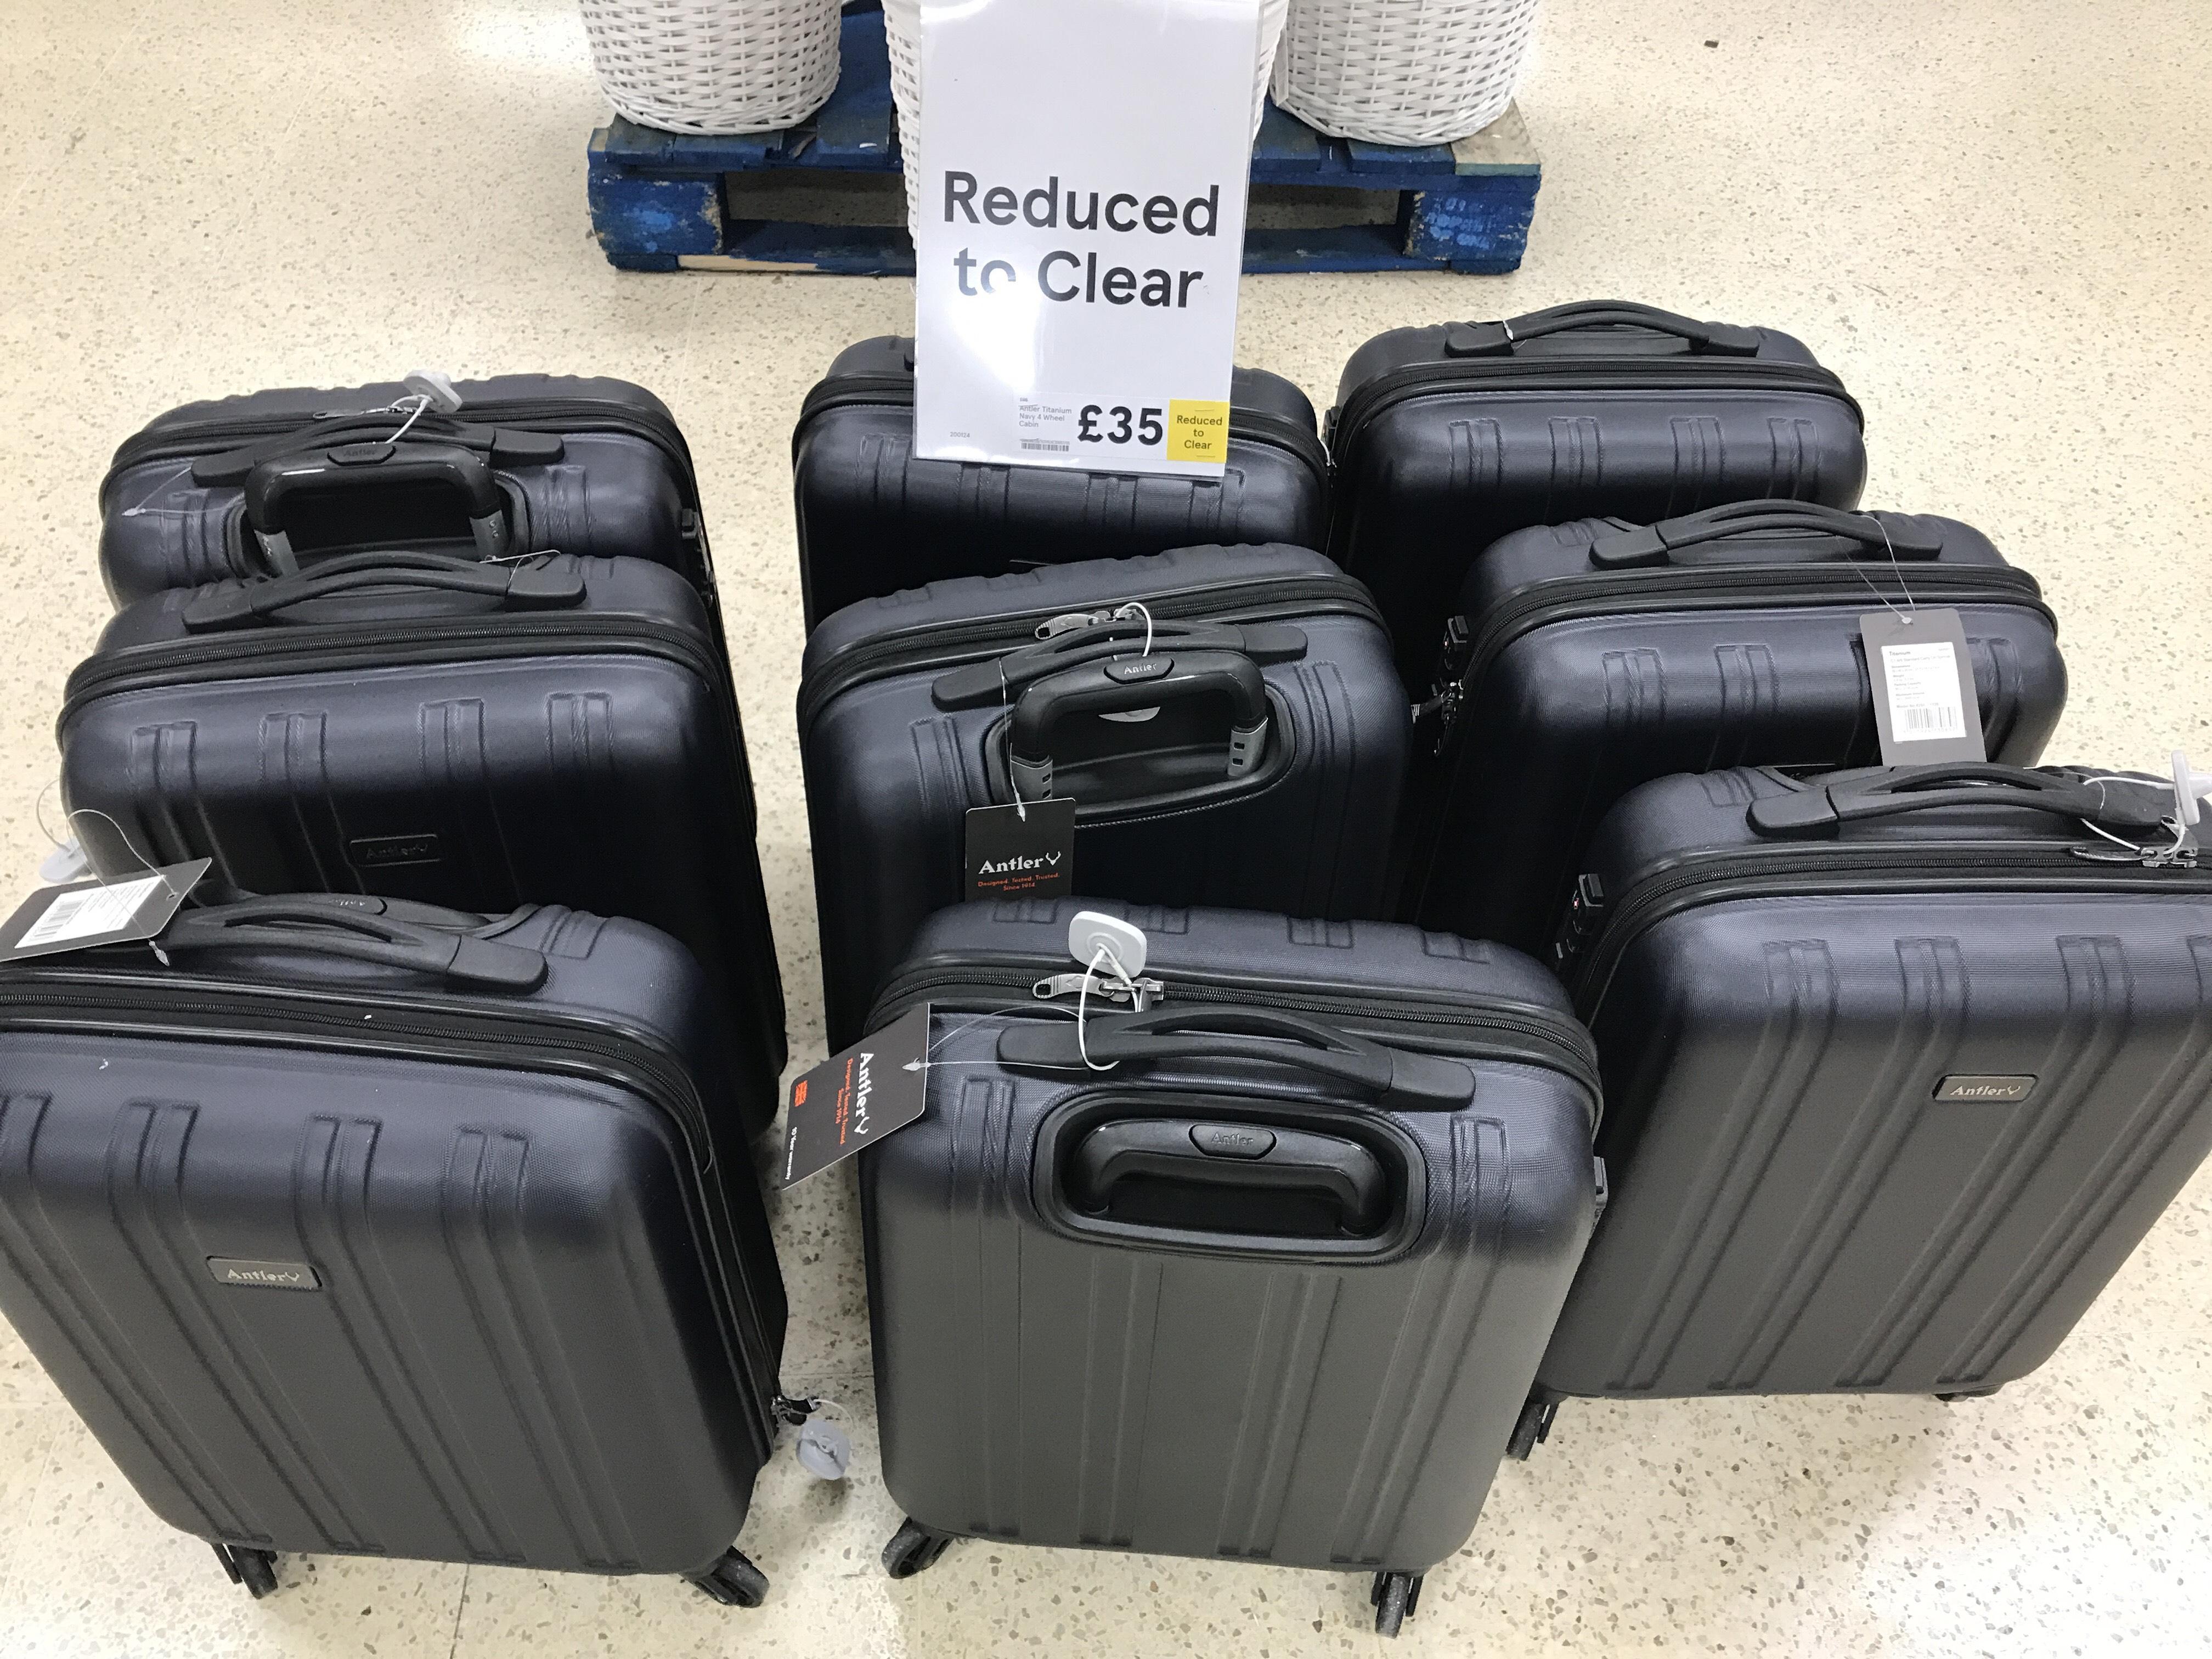 Antler Titanium Exclusive 4 Wheel Cabin Luggage - £35 @ Tesco In-store (Fforestfach)